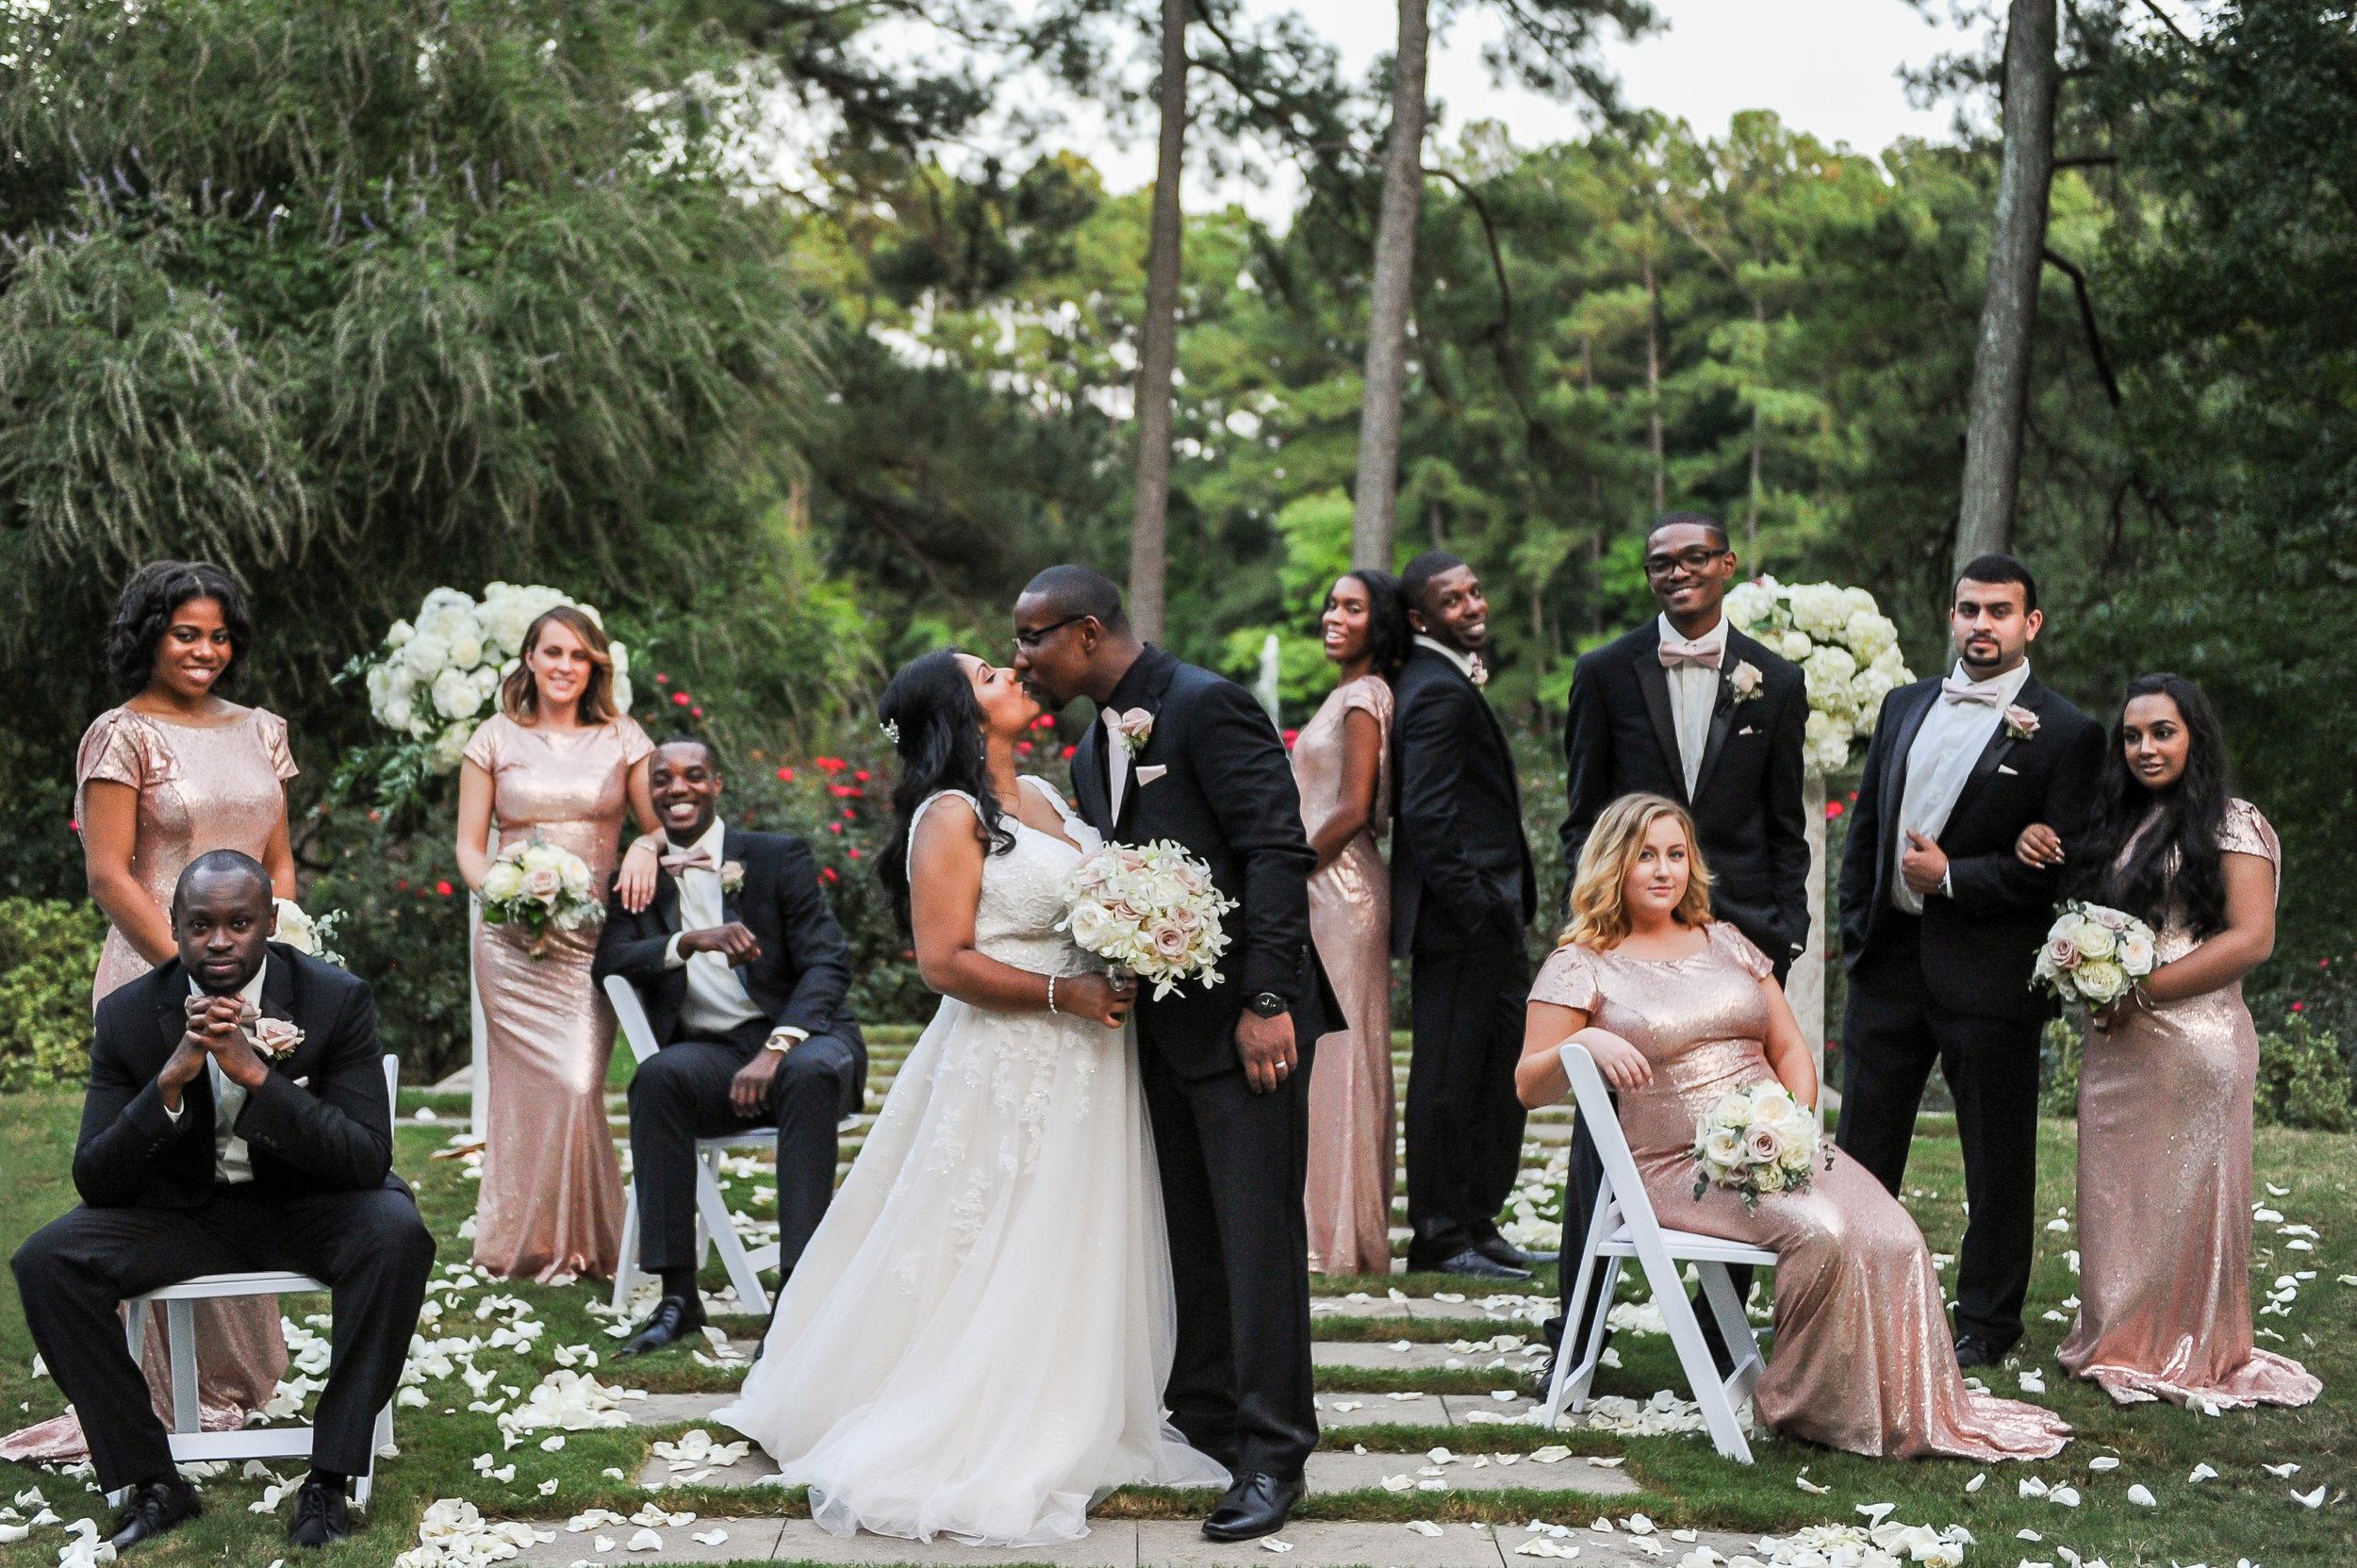 KPP_Weddings_Mag_2019_01.jpg